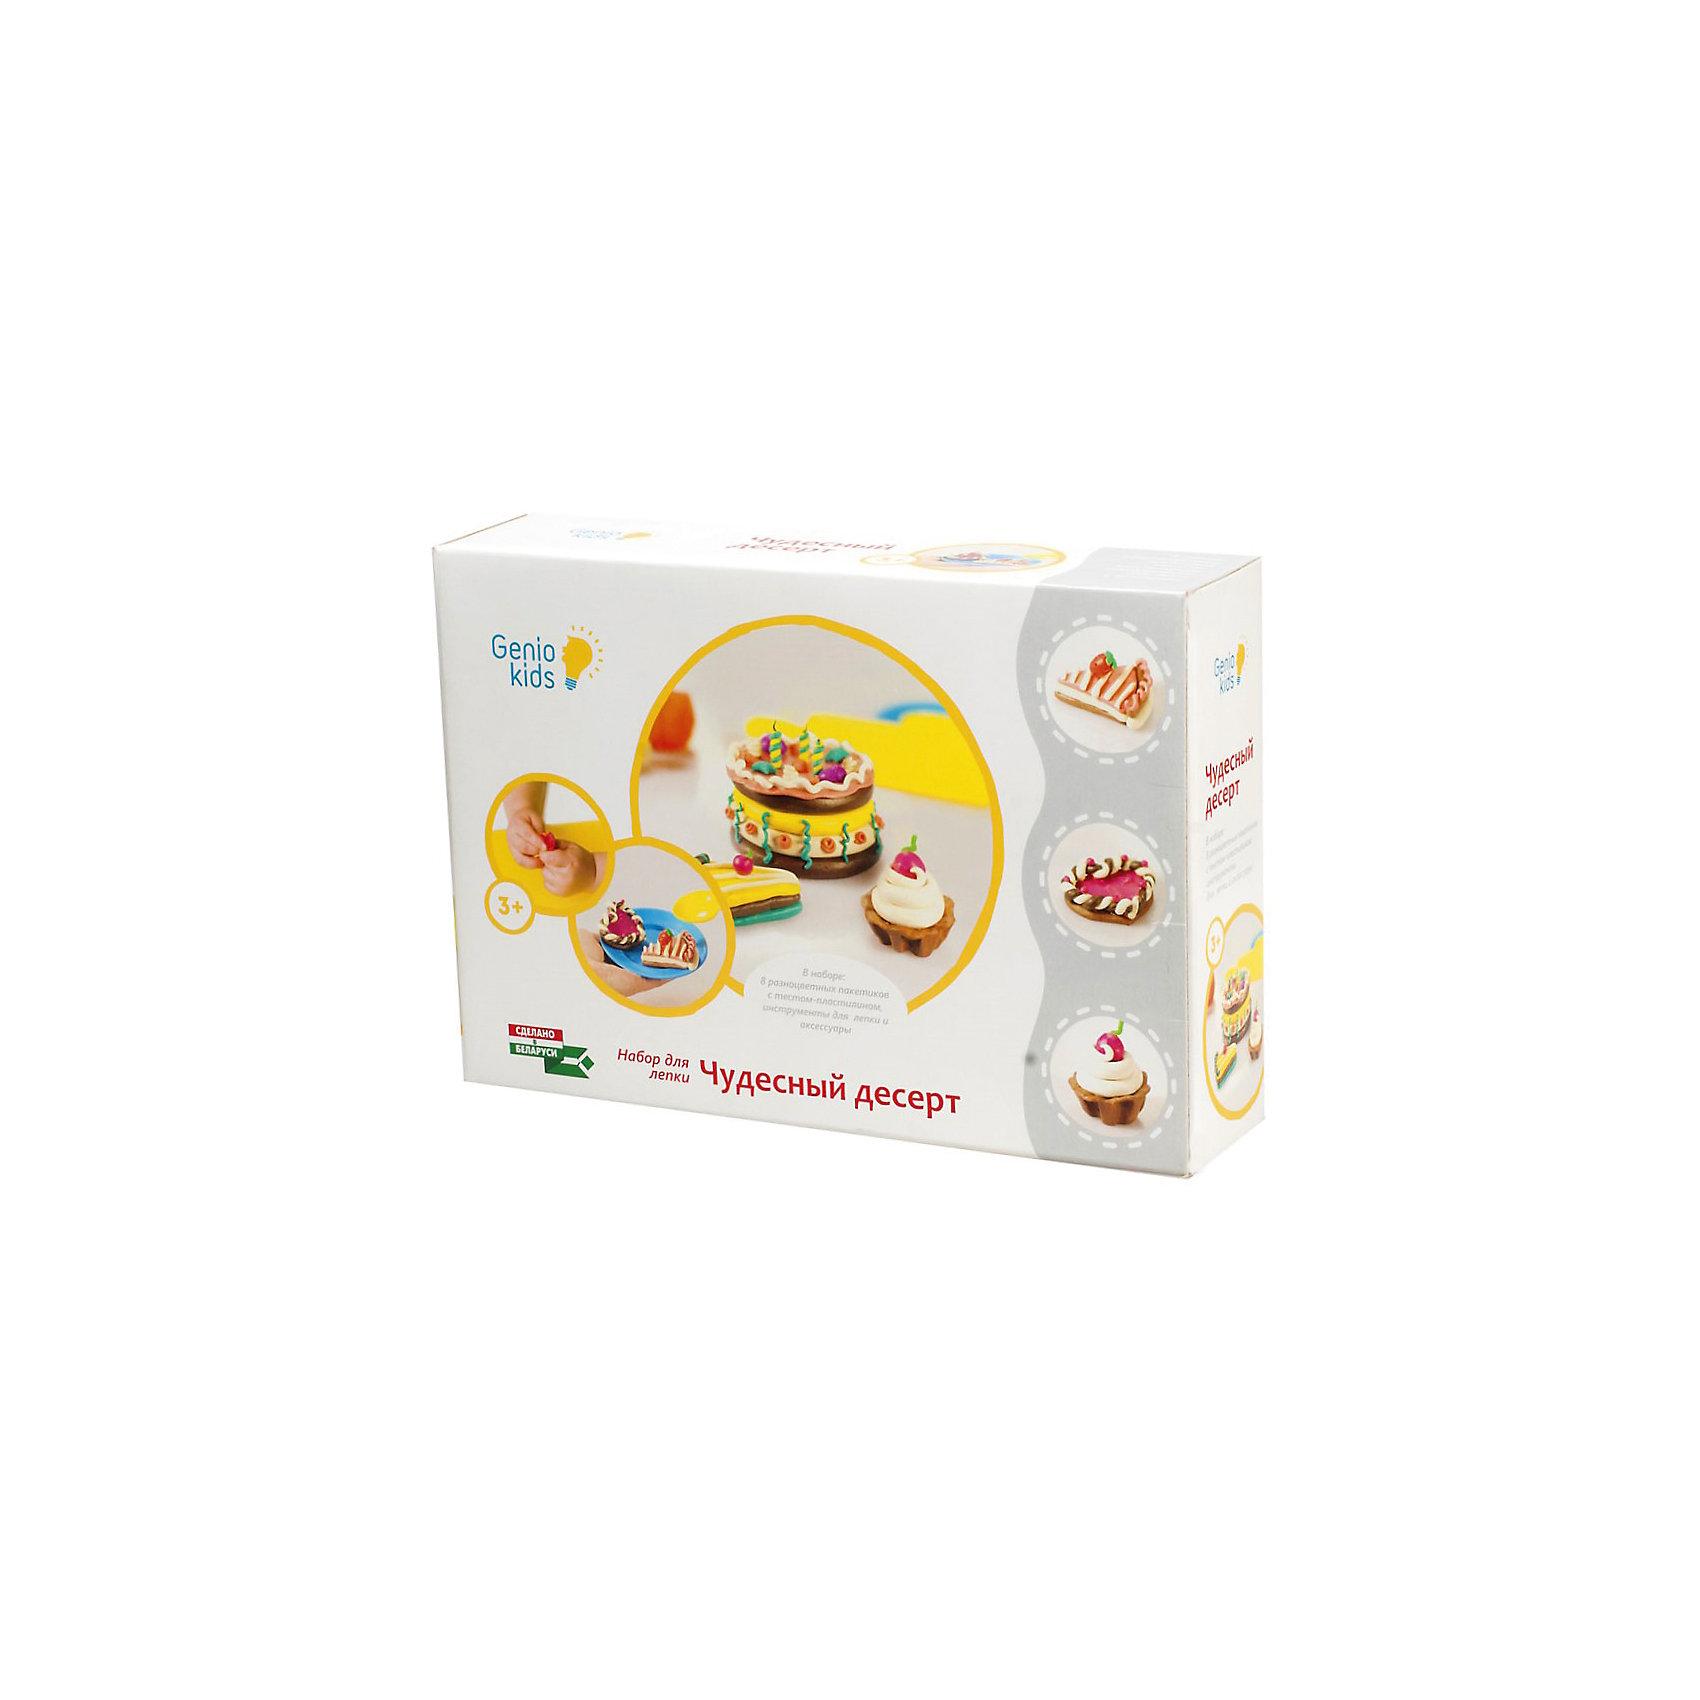 """Genio Kids Набор для детского творчества Чудесный десерт genio kids набор для детского творчества """"шкатулка"""""""